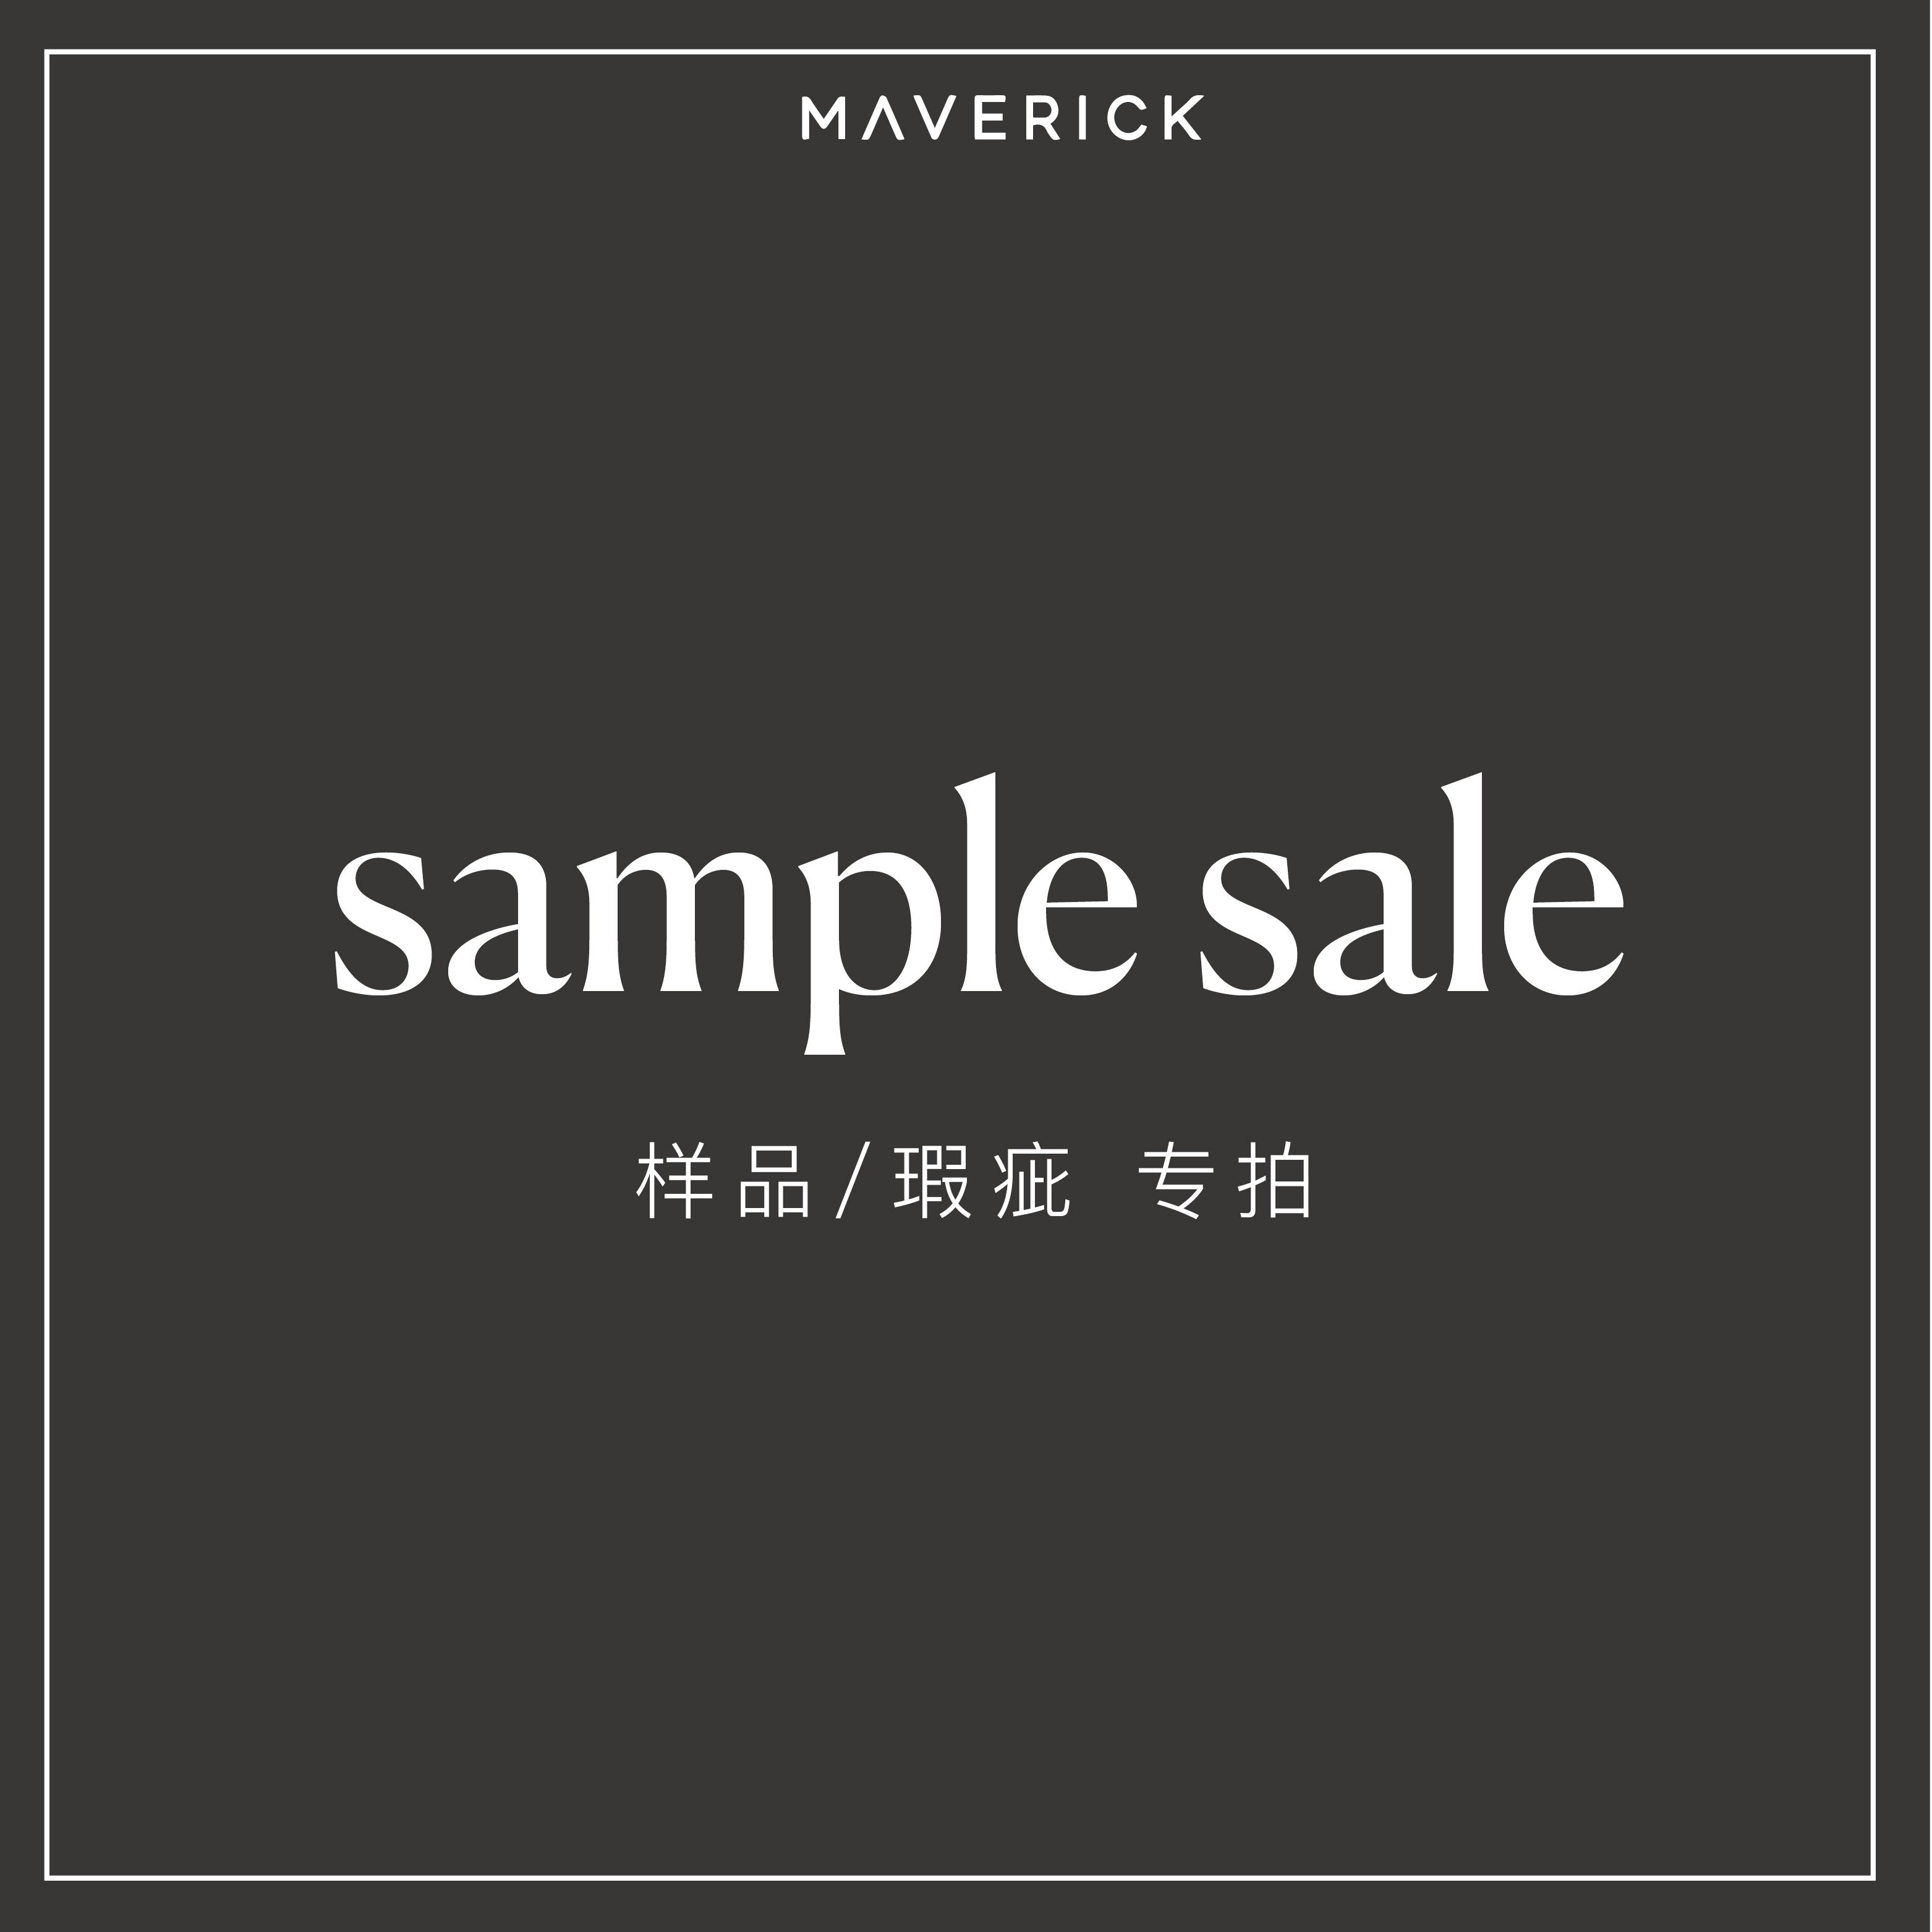 原创设计2020年MAVERICK新款爆款包包样品瑕疵品专用链接